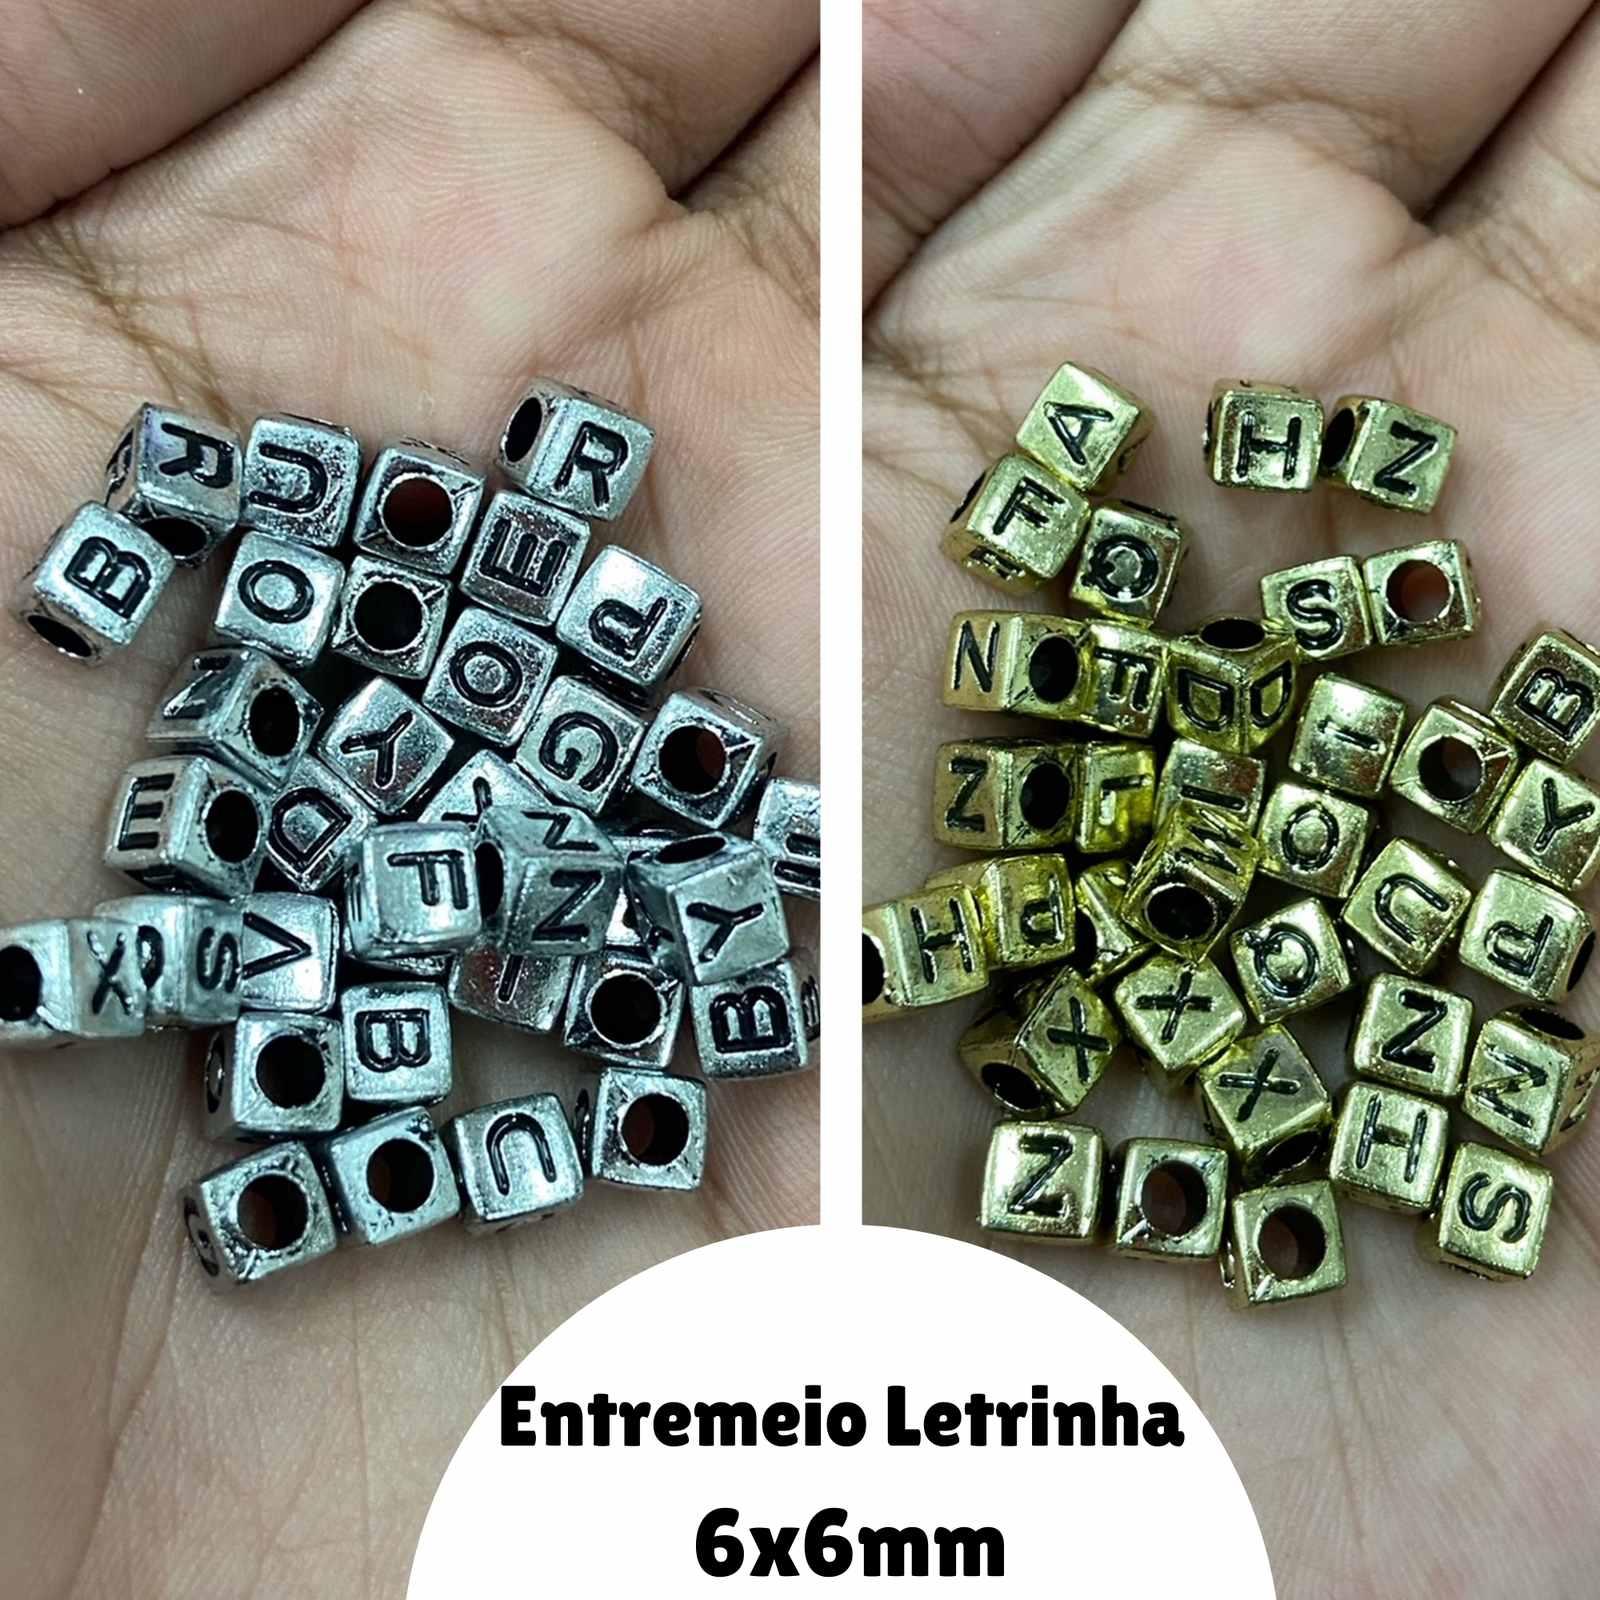 Entremeio Letras 6x6mm - 120 unidades